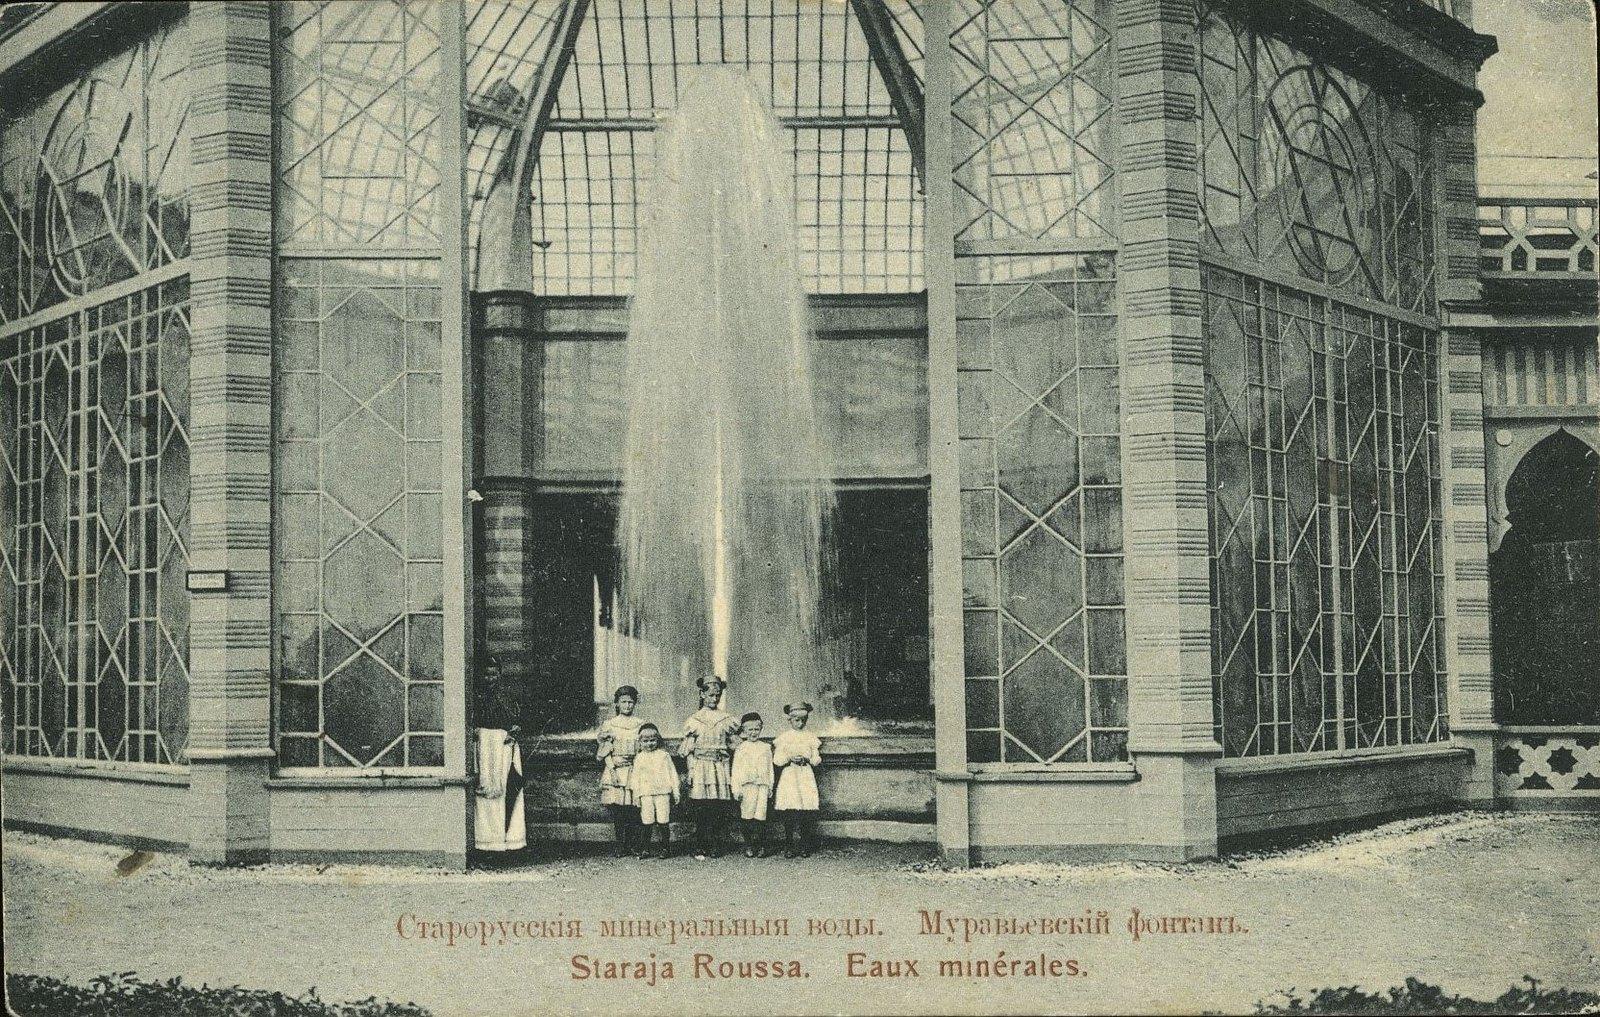 Муравьевский фонтан.